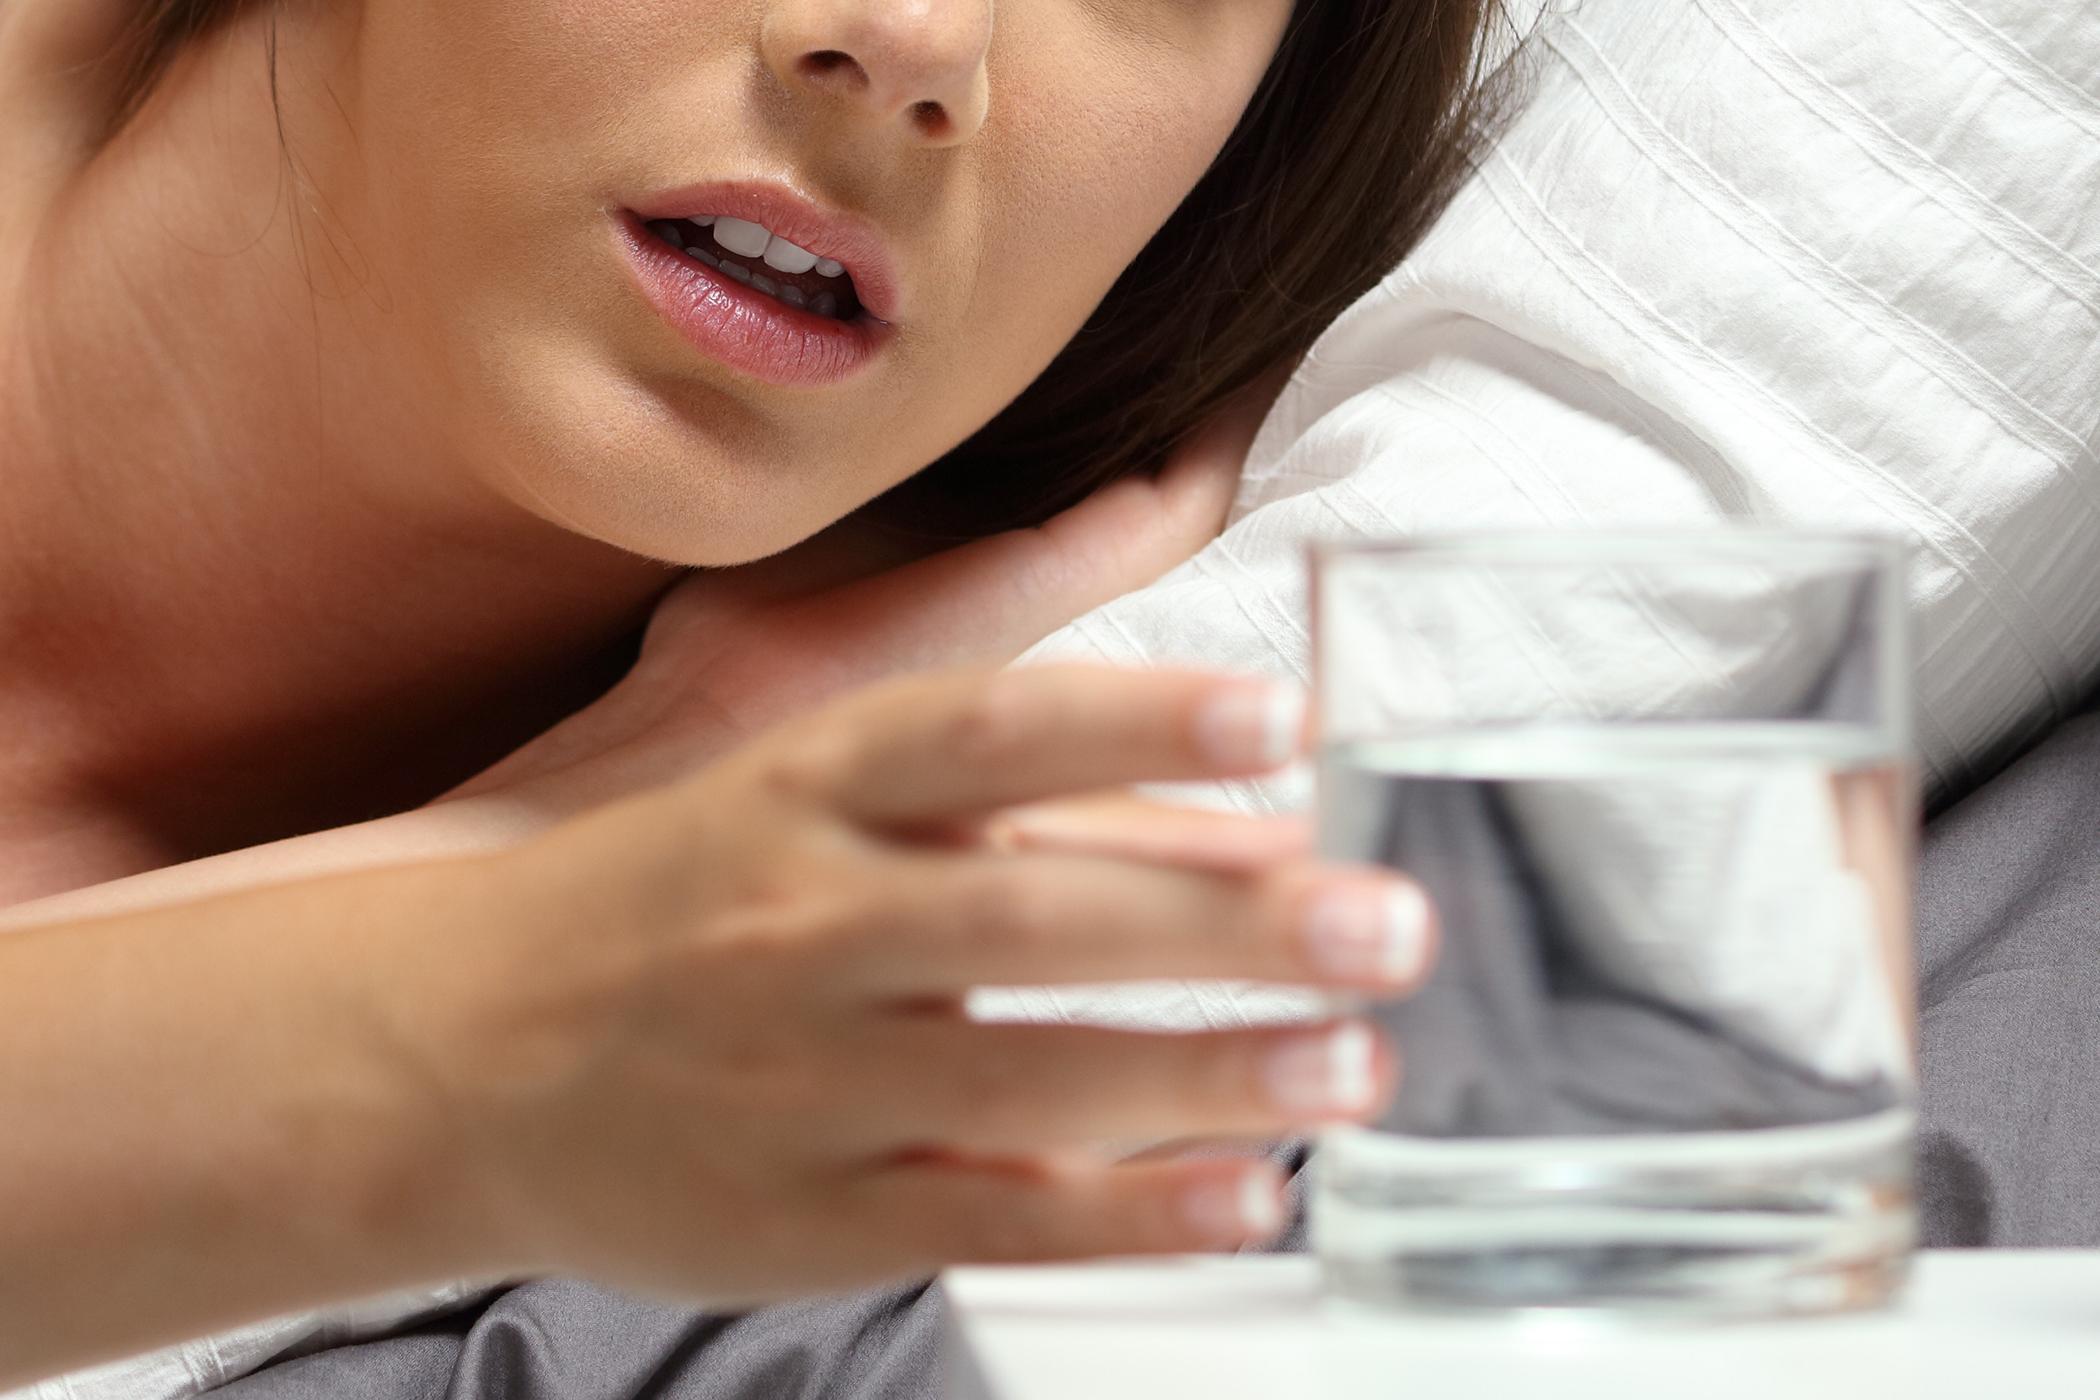 szájszárazság magas vérnyomással mit kell tenni a magas vérnyomás okai és azok kiküszöbölése